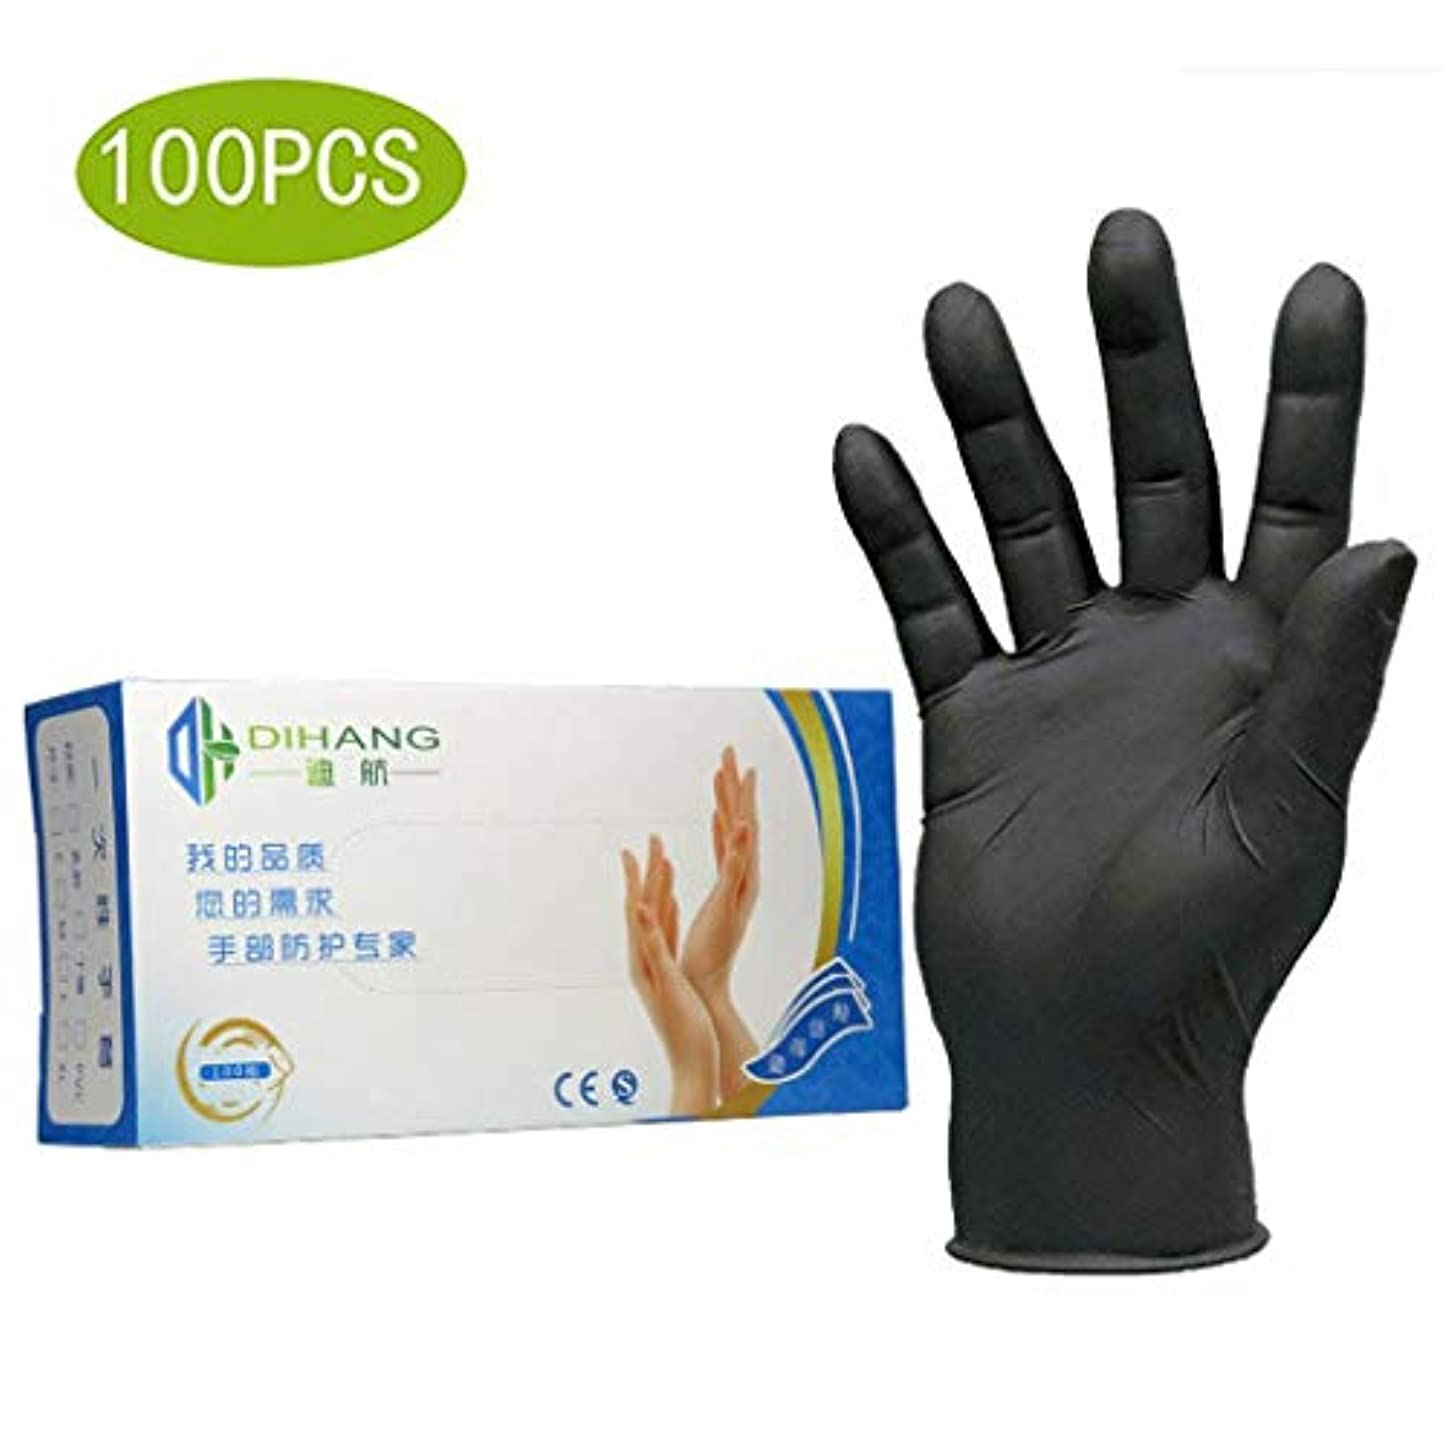 やがて悪性のボイコット100倍使い捨て手袋耐酸性および耐アルカリ性試験軽量安全フィットニトリル手袋中粉末フリーラテックスフリータトゥー理髪産業加工労働保険 (Size : M)